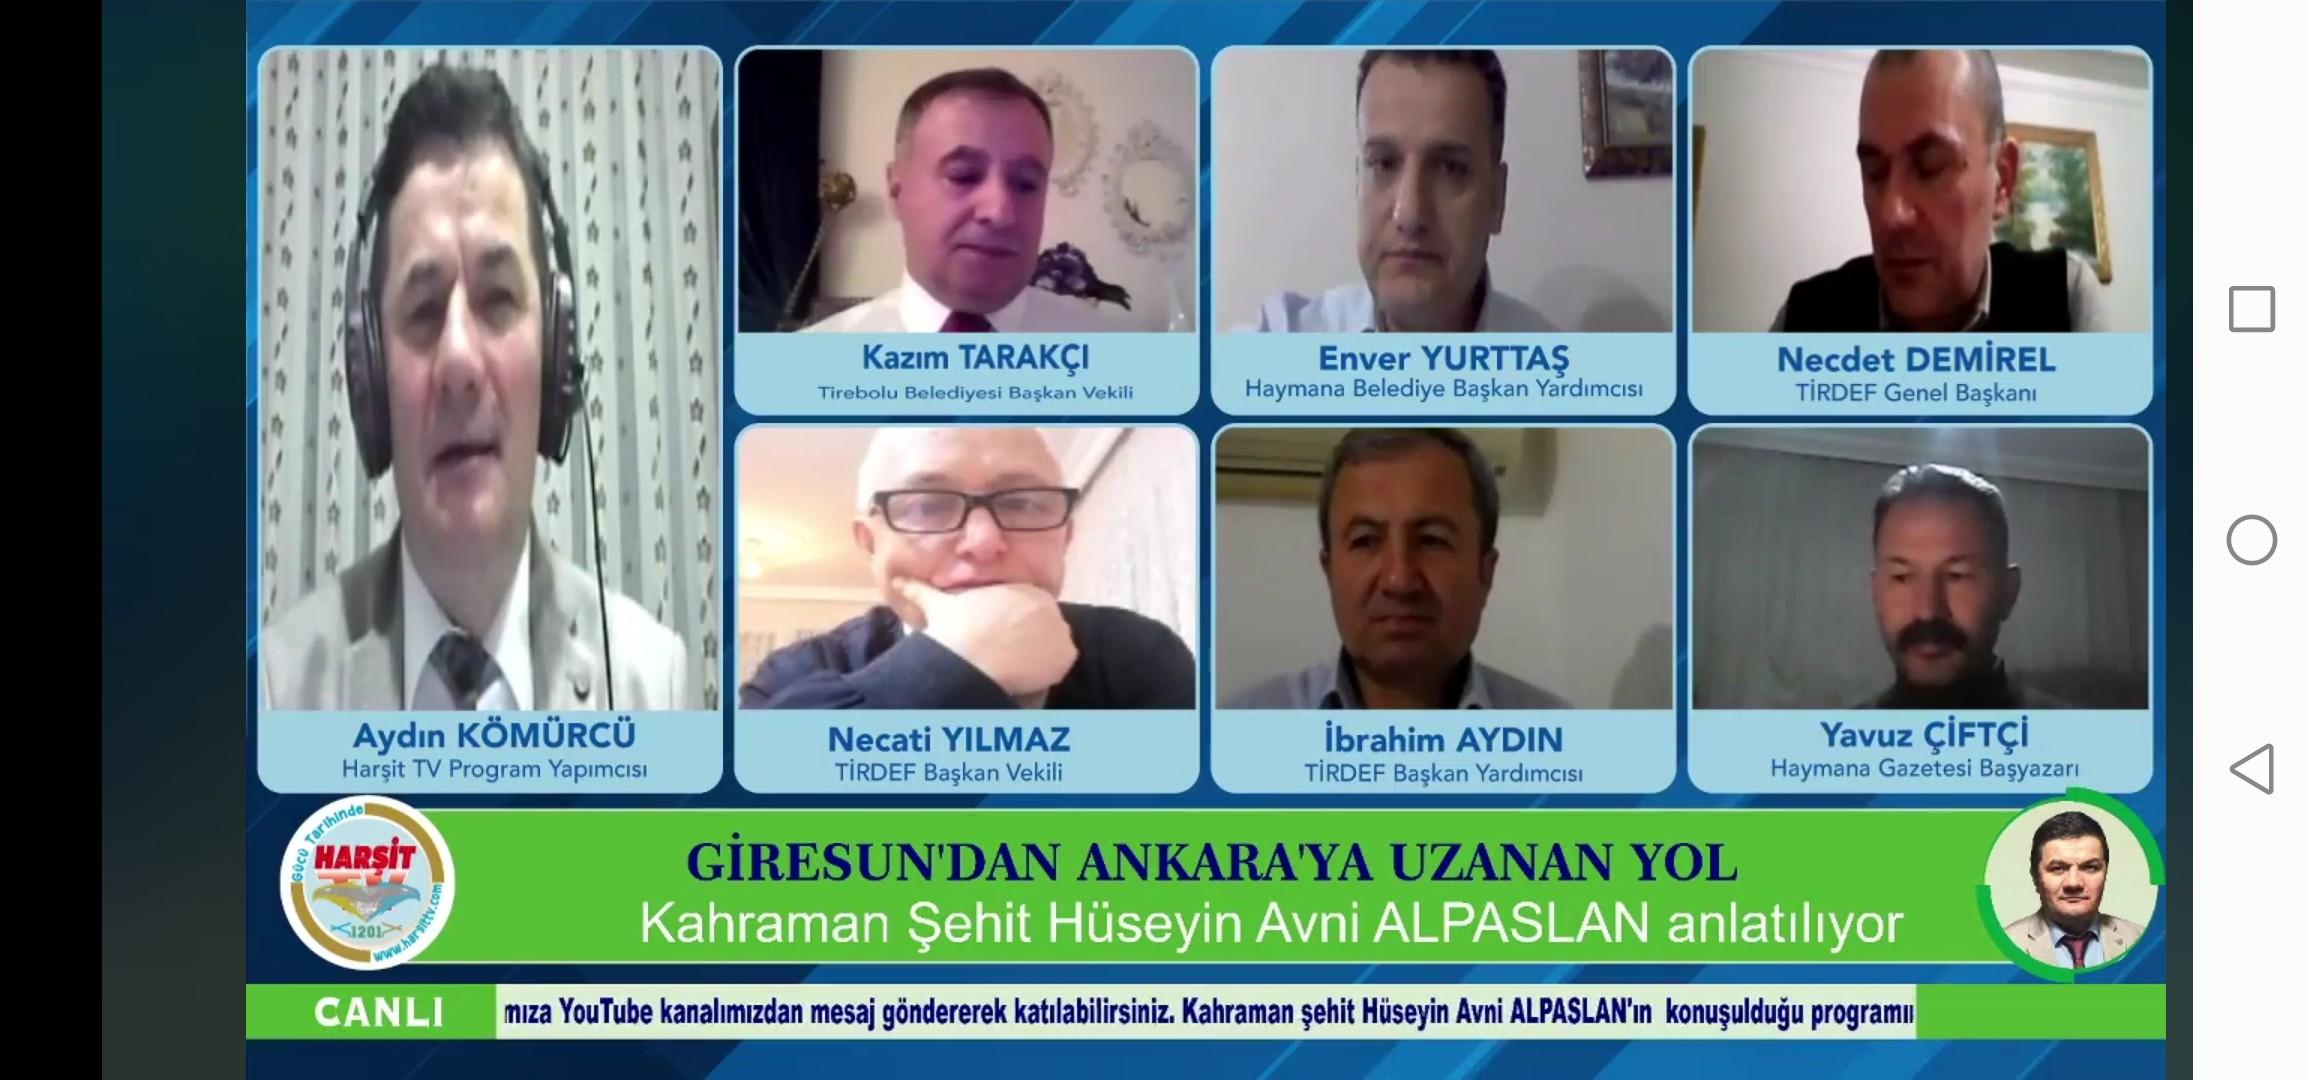 Screenshot_20210215_214313_com.facebook.katana